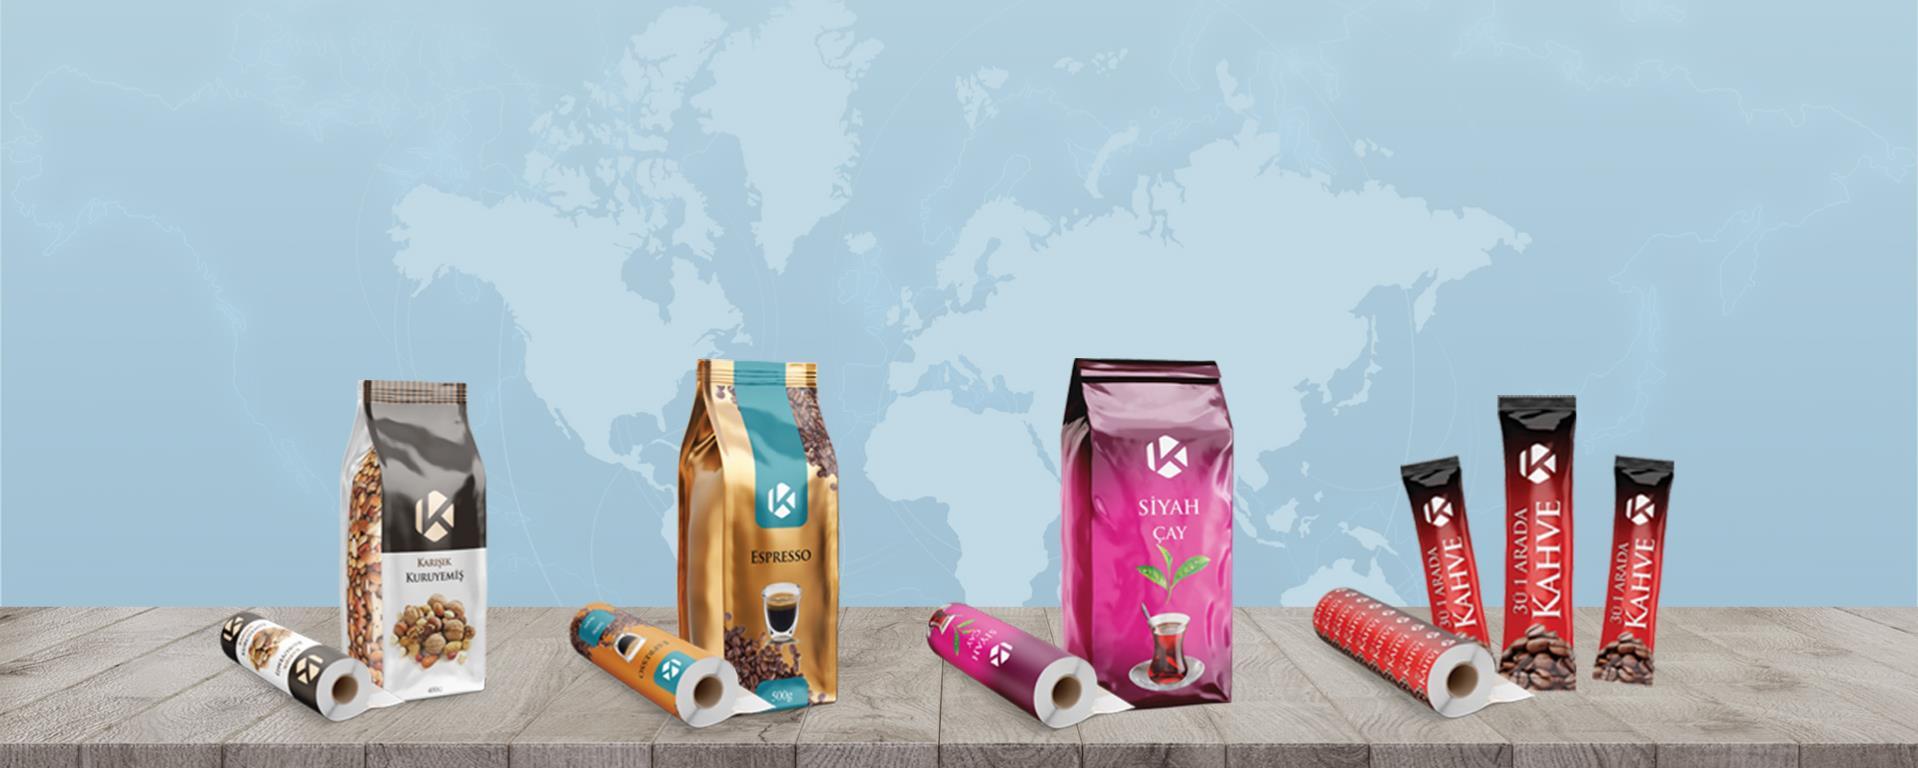 Dry Coffee Packaging